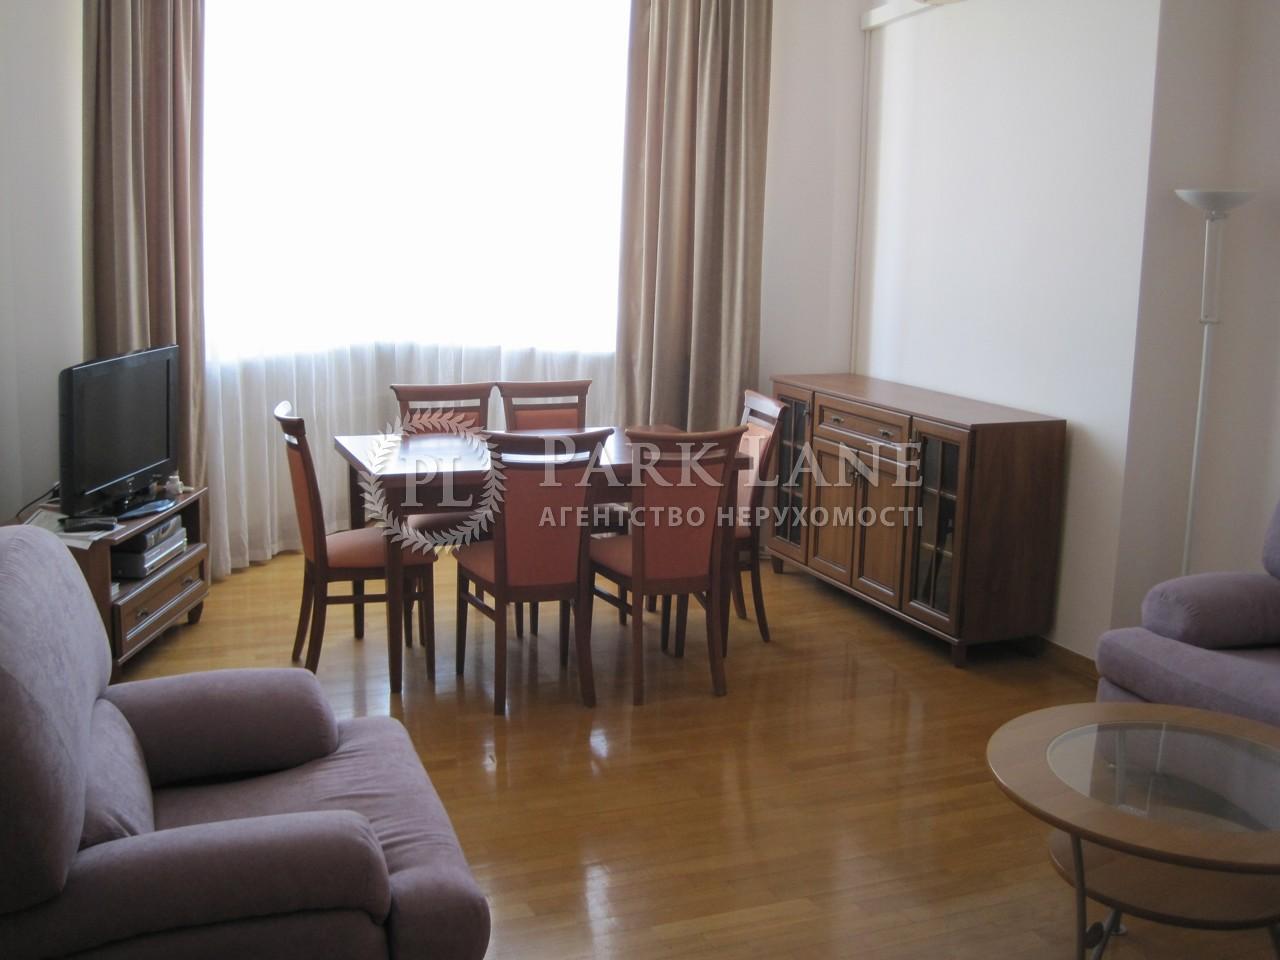 Квартира R-25183, Бульварно-Кудрявская (Воровского), 11а, Киев - Фото 1